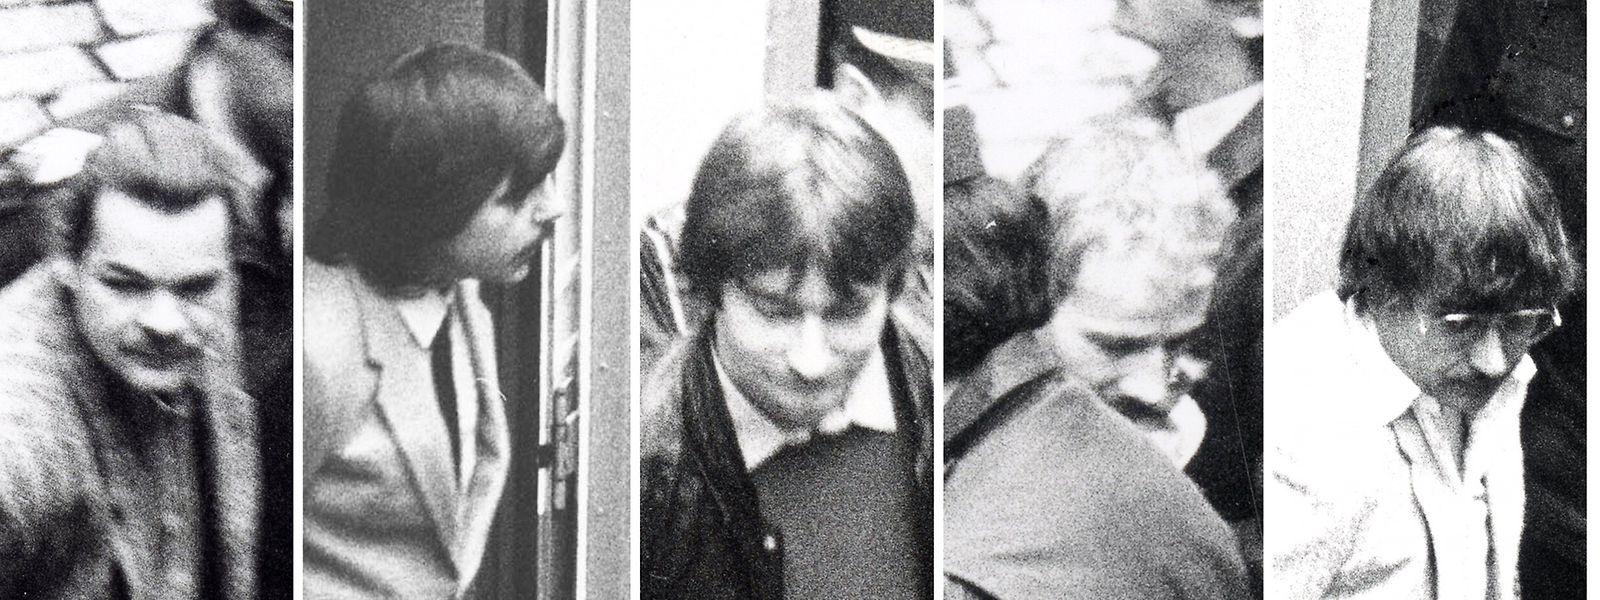 Als der Prozess am 7. März erneut beginnt, steigen die fünf inhaftierten Angeklagten wie Popstars aus dem Gefangenentransporter(v.l.n.r.): Guy Hertert, Carlo Fett, Nico Reisdorff, Jos Bernardy und Dieter Schuch.